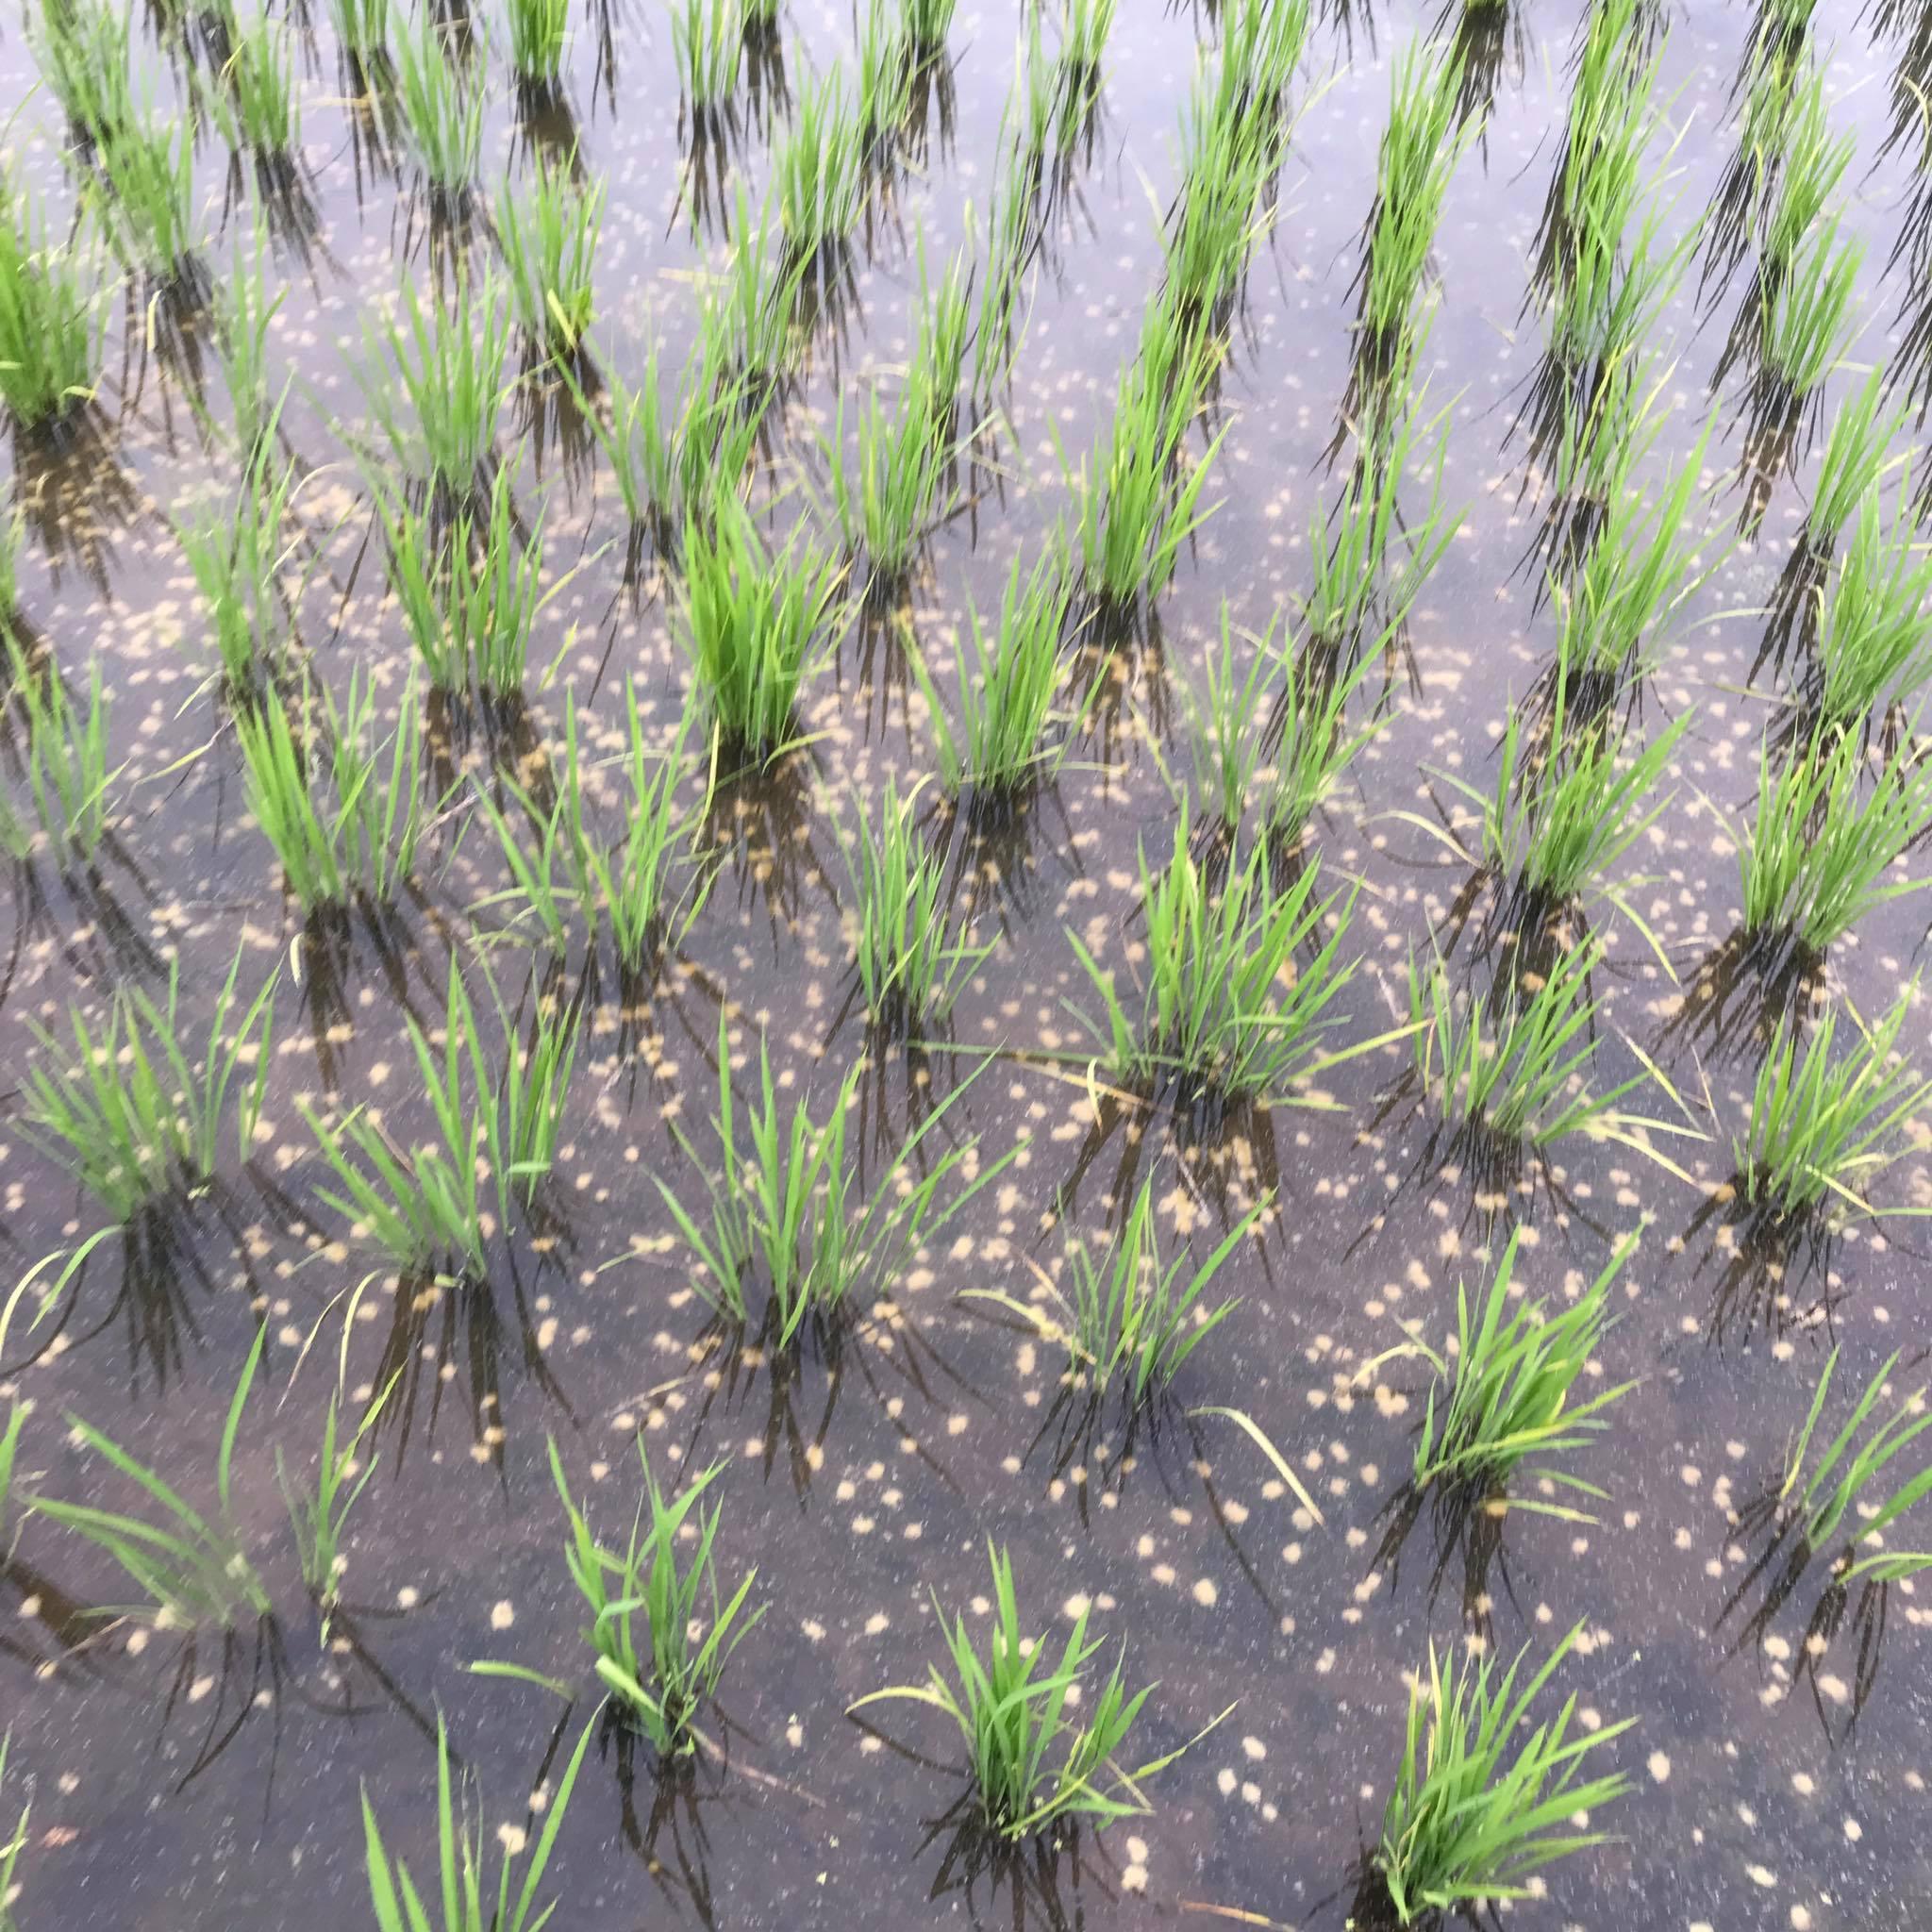 米ぬかペレットを撒いた田んぼ